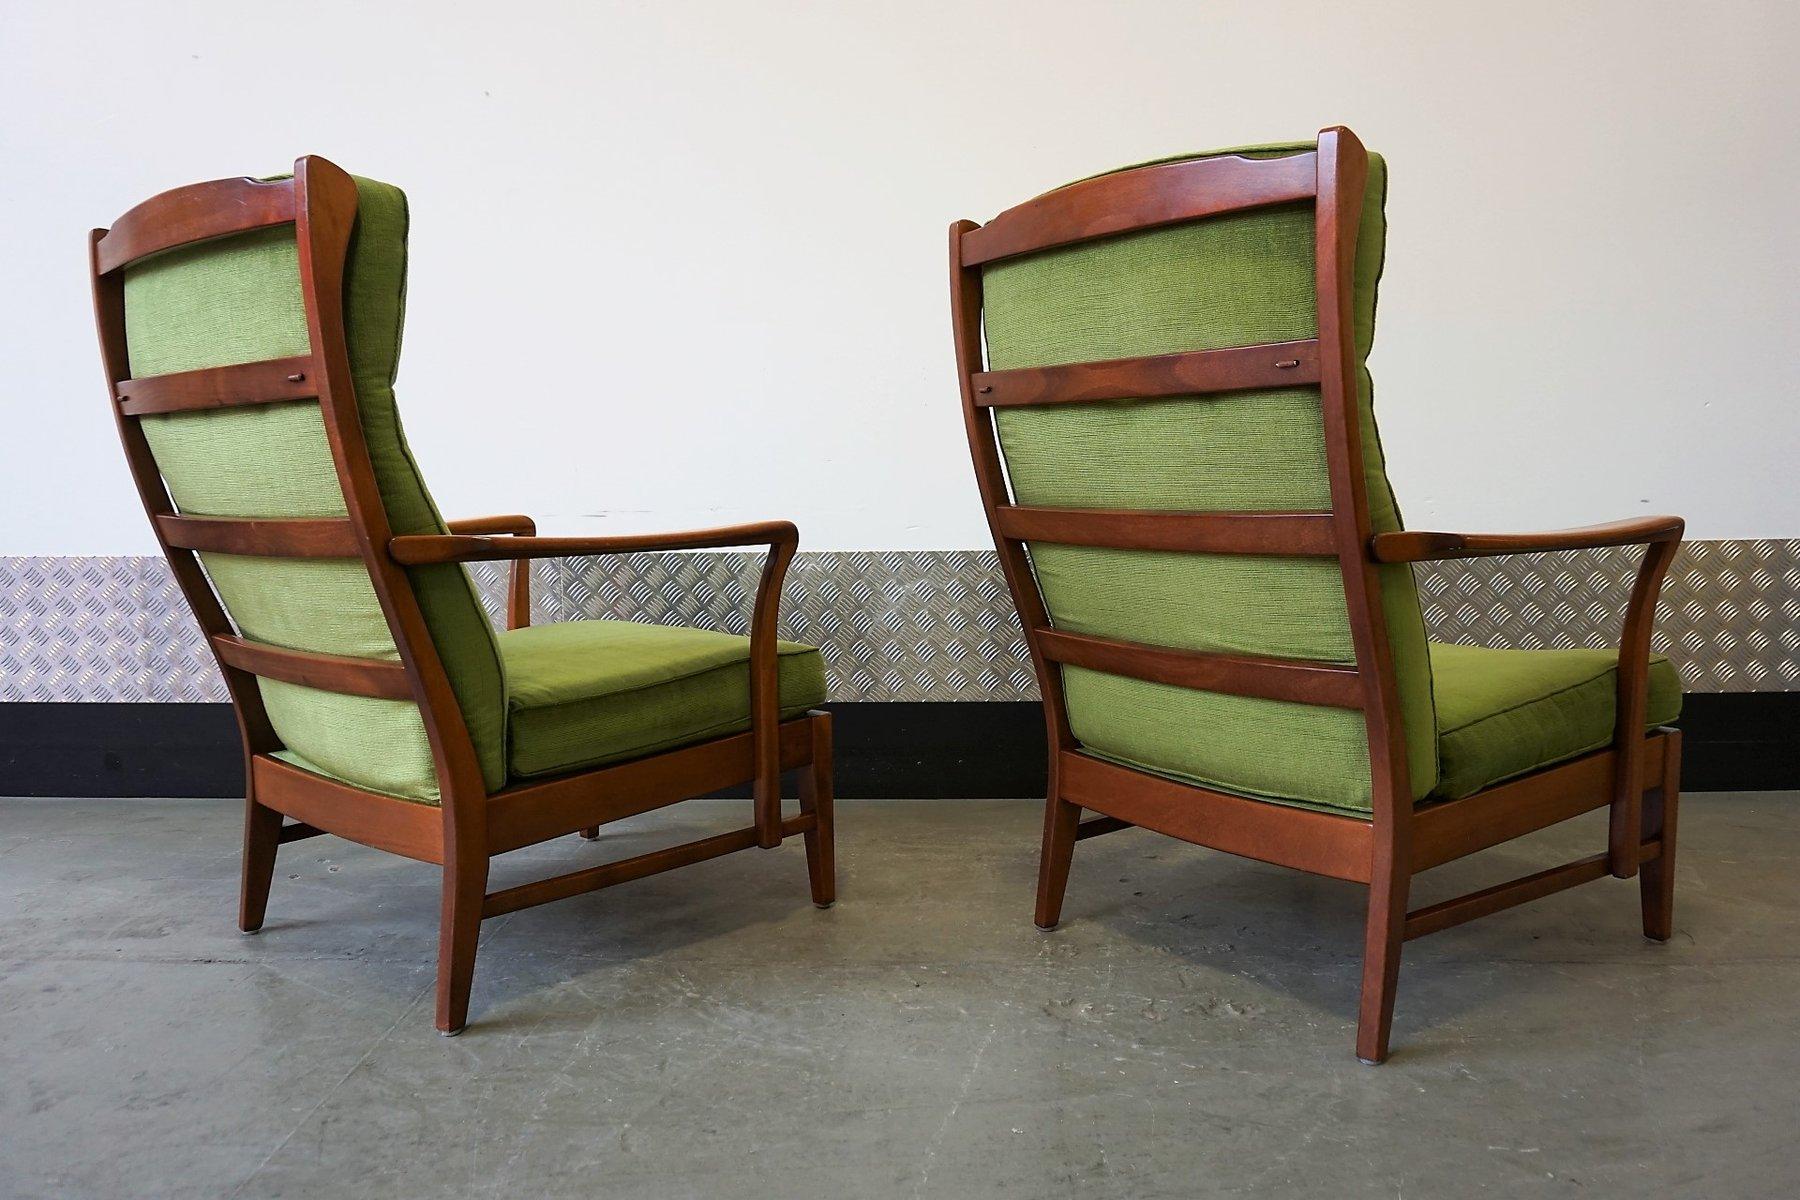 schwedische mid century sessel mit hoher r ckenlehne. Black Bedroom Furniture Sets. Home Design Ideas